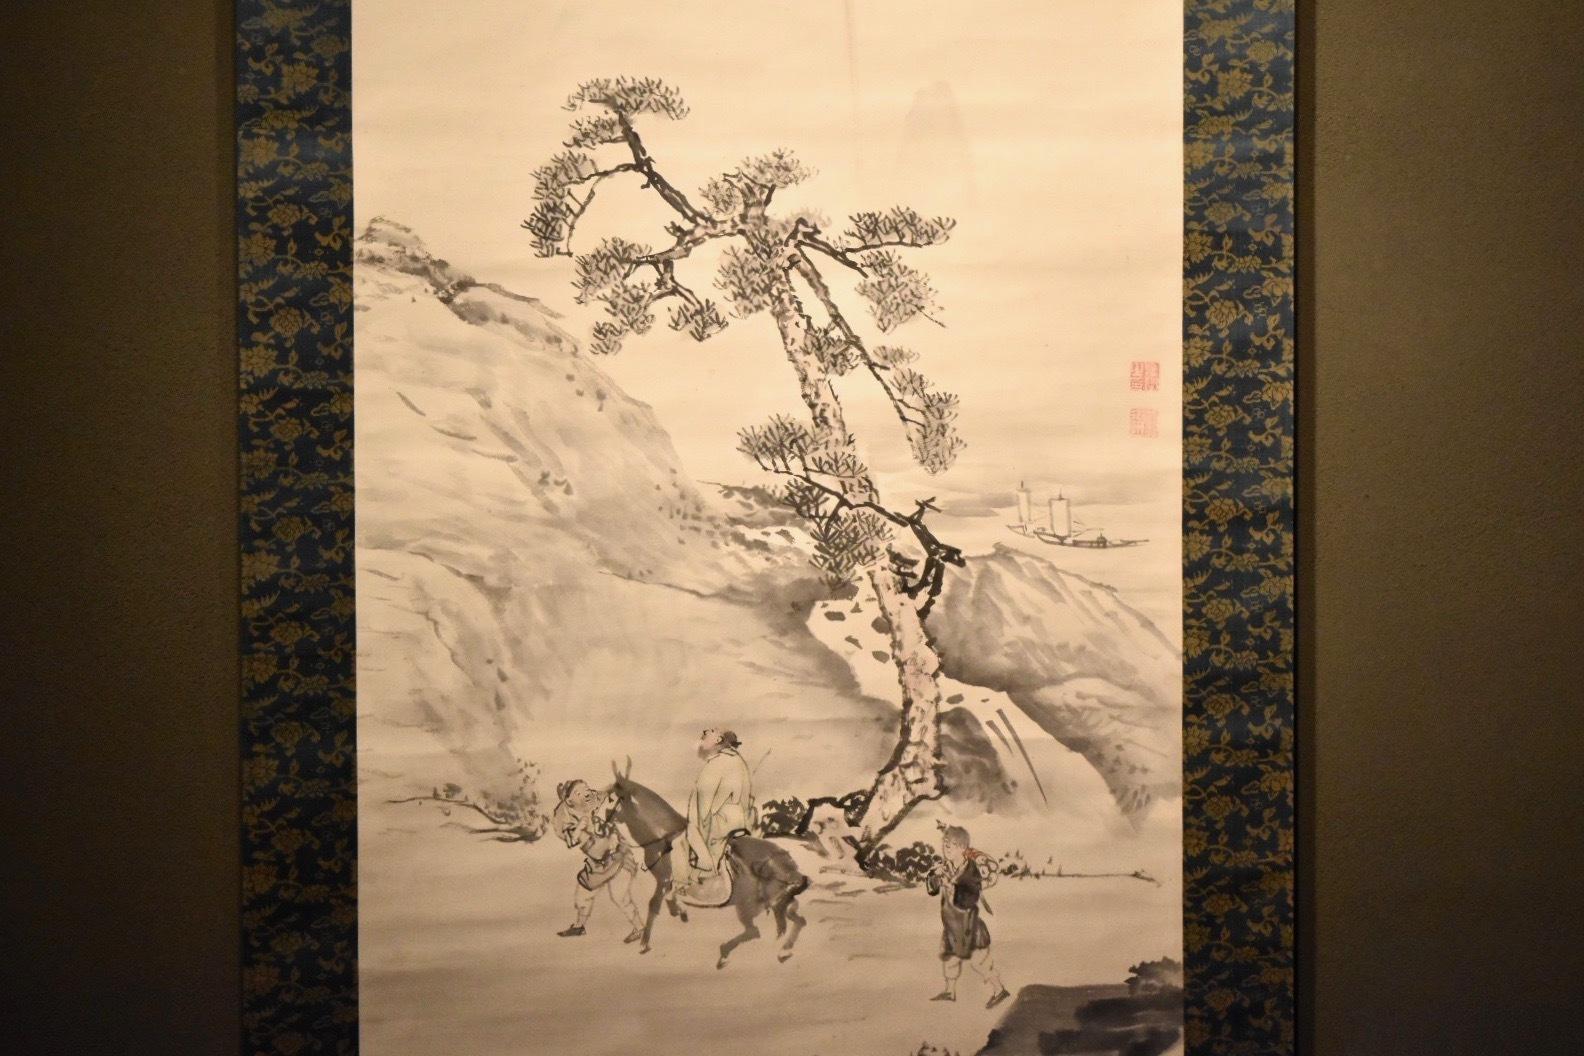 「山中乗馬図」(部分) 円山応挙 東京藝術大学所蔵